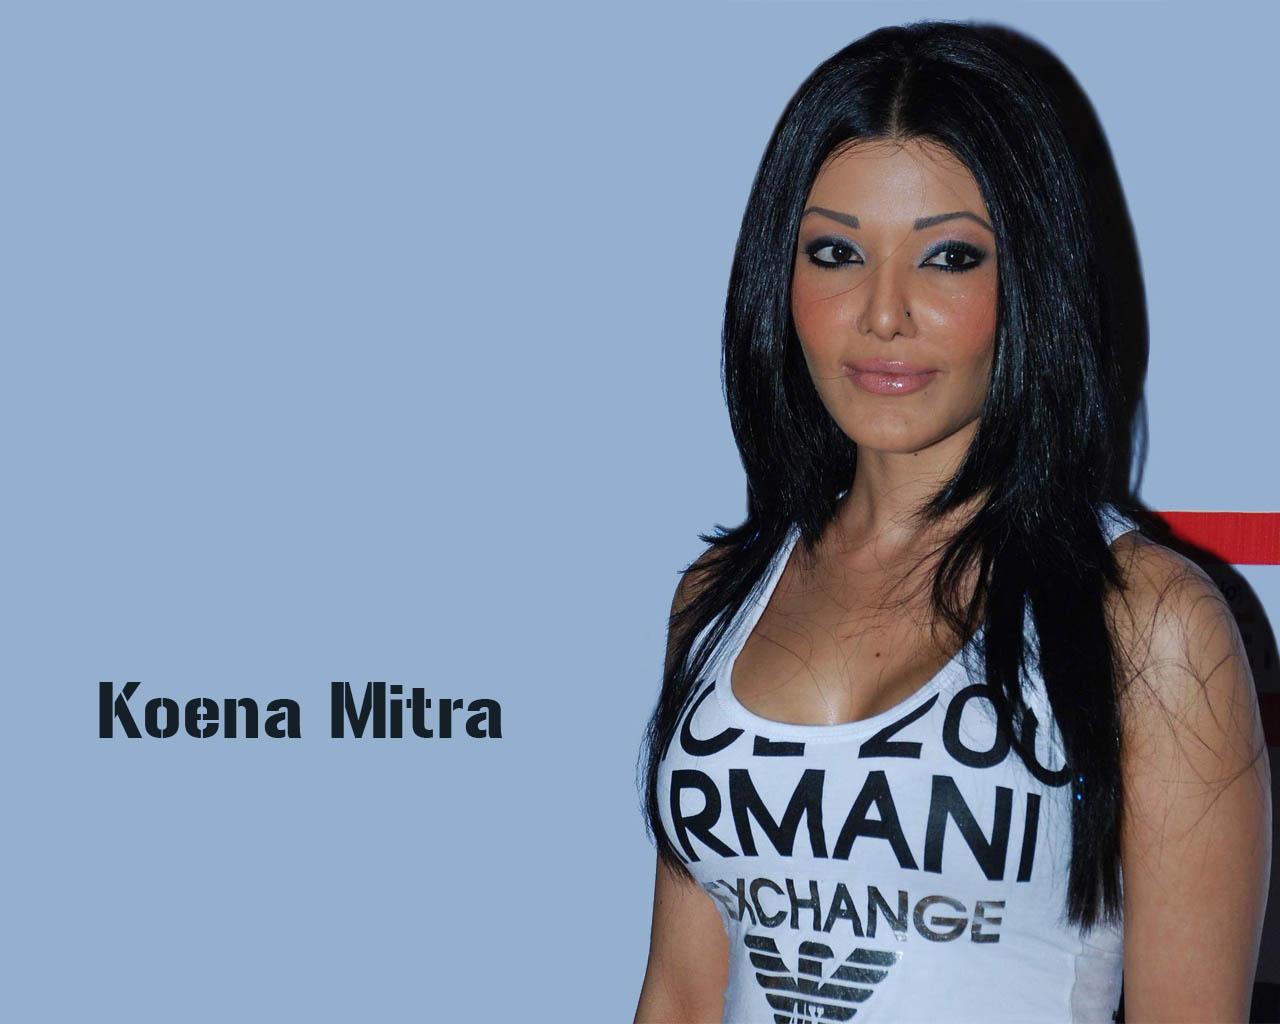 Koena Mitra Net Worth